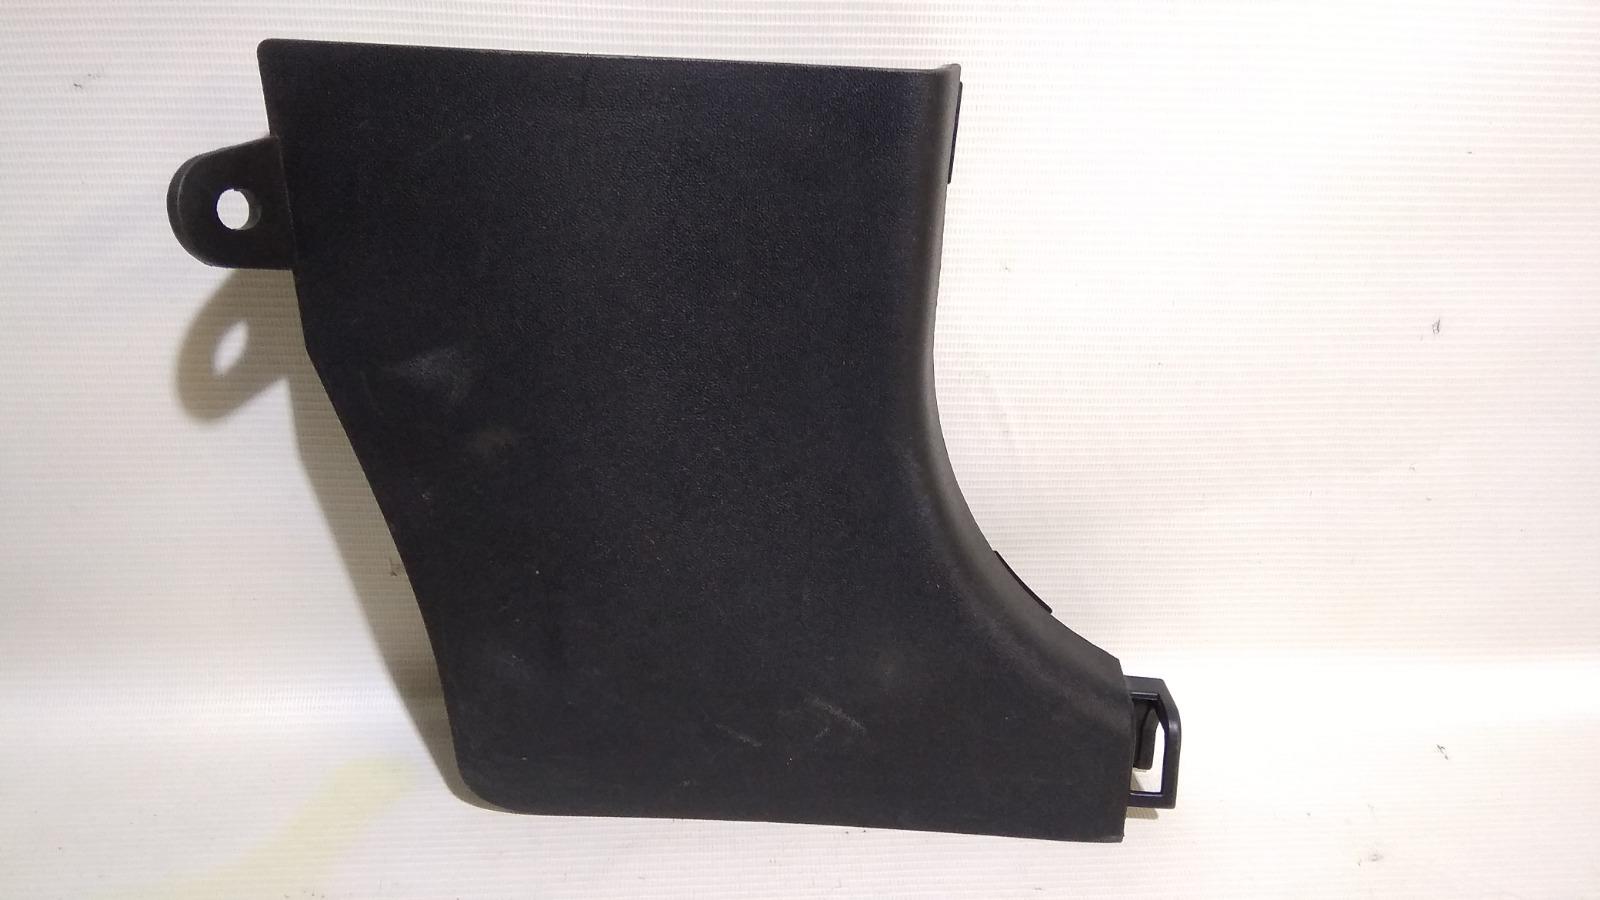 Обшивка, панель салона Kia Ceed ED G4GC 2007 передний правый нижний